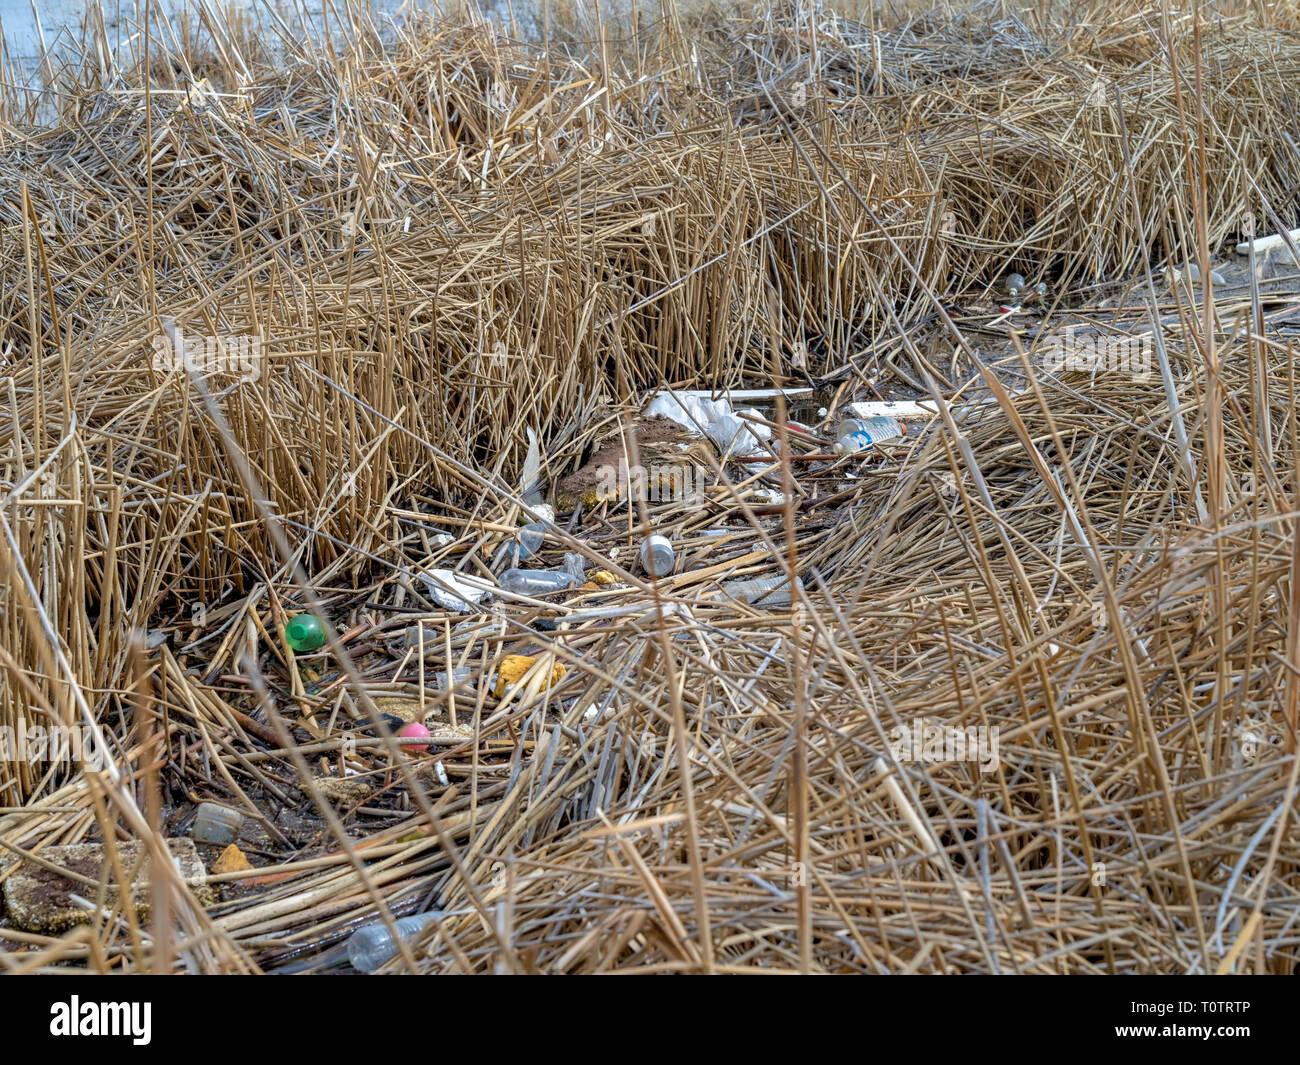 Canal abbandonati Rifiuti e inquinamento in alcuni paludose terre di palude. Immagini Stock